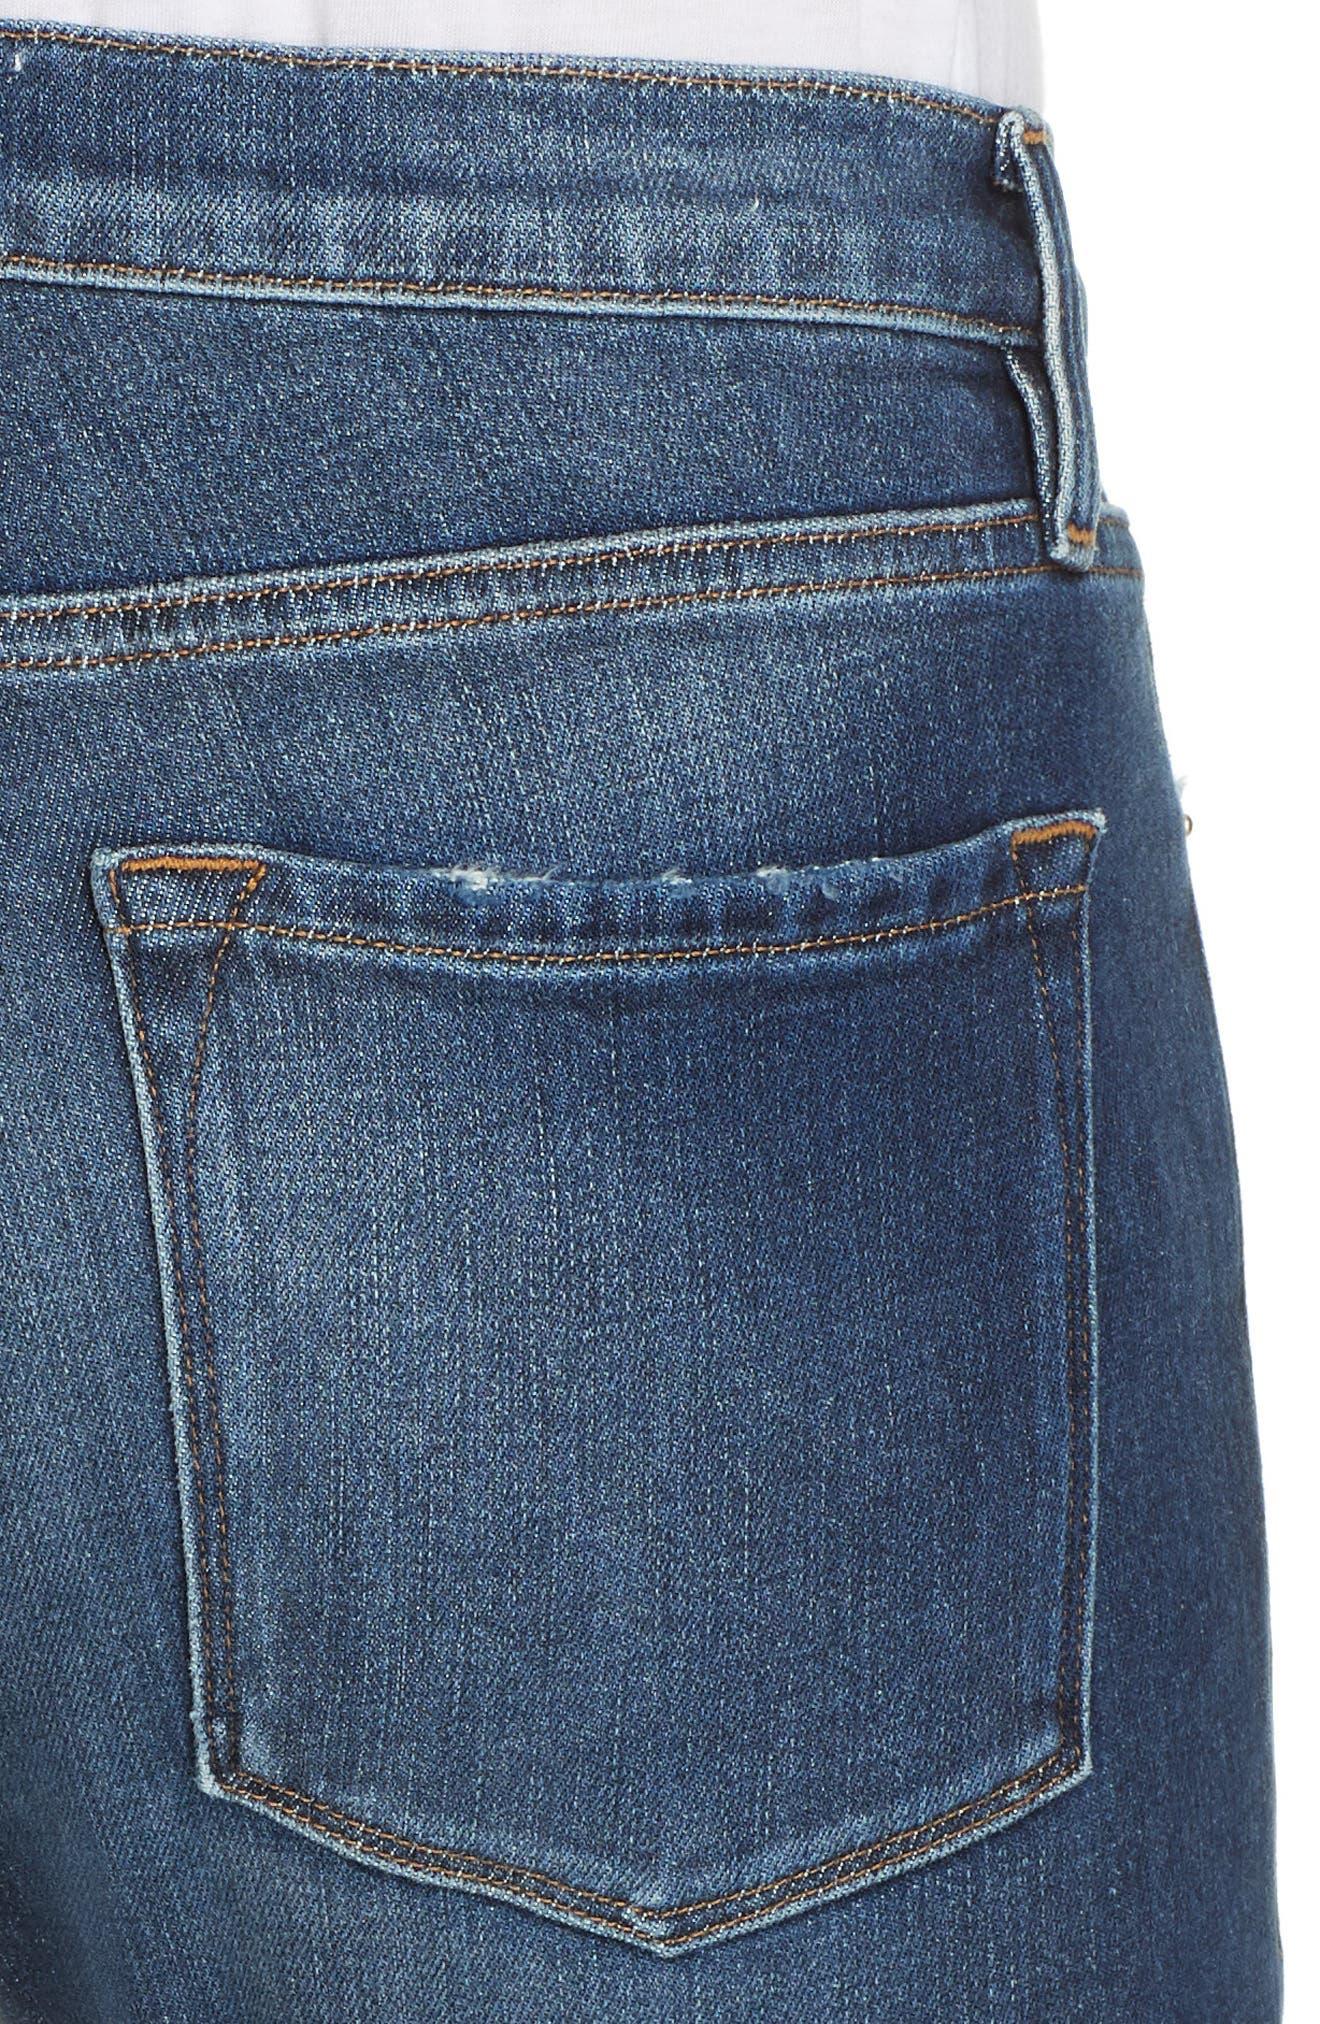 Le Garcon High Waist Ankle Slim Boyfriend Jeans,                             Alternate thumbnail 4, color,                             420